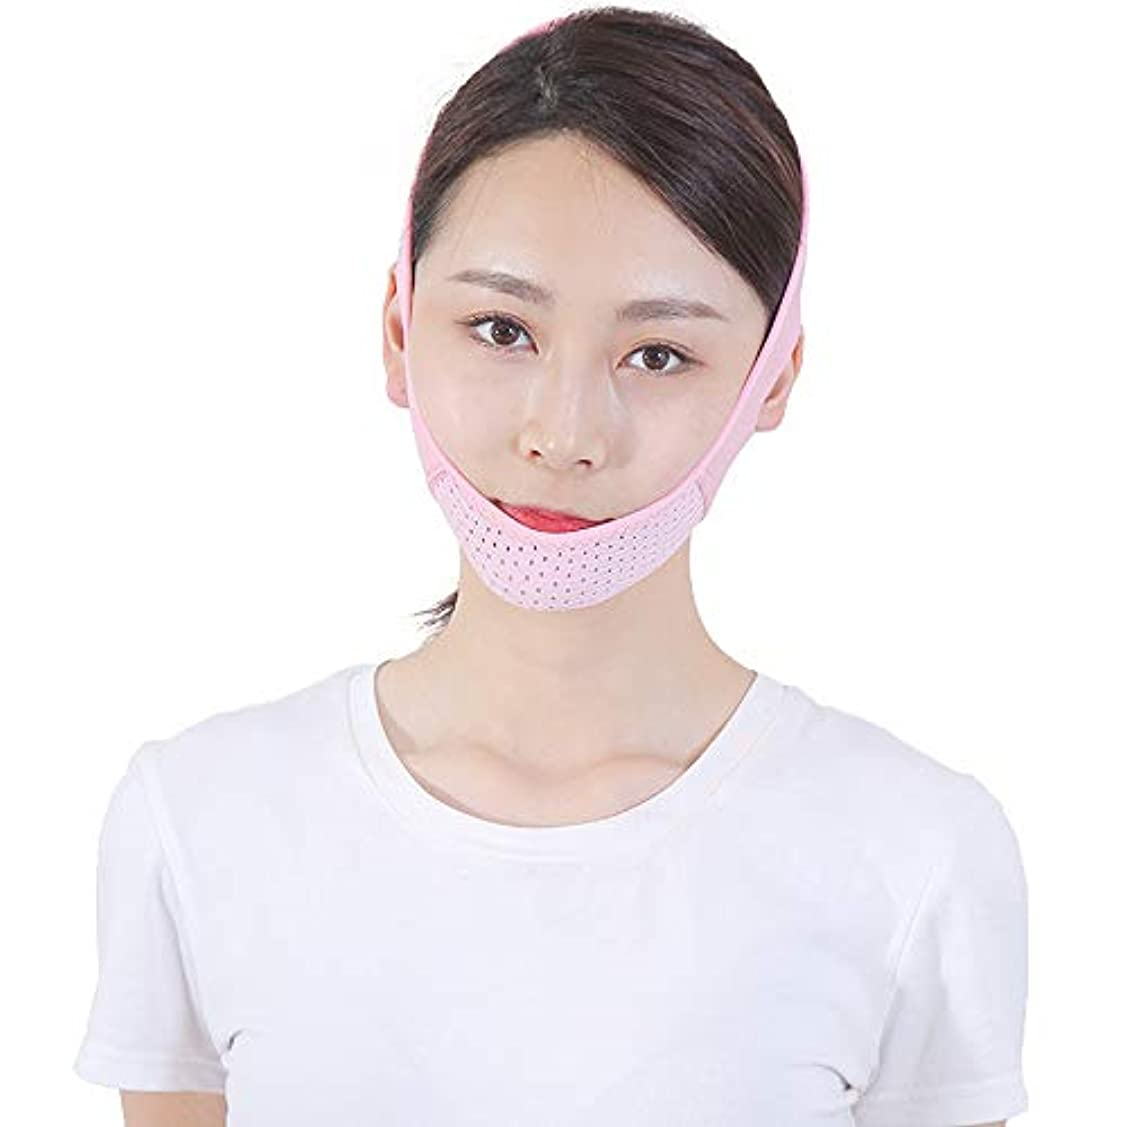 マティス一致ピクニック薄い顔のベルト - 薄い顔のベルト通気性のある顔の包帯ダブルチンの顔リフトの人工物Vのフェイスベルト薄い顔のマスク